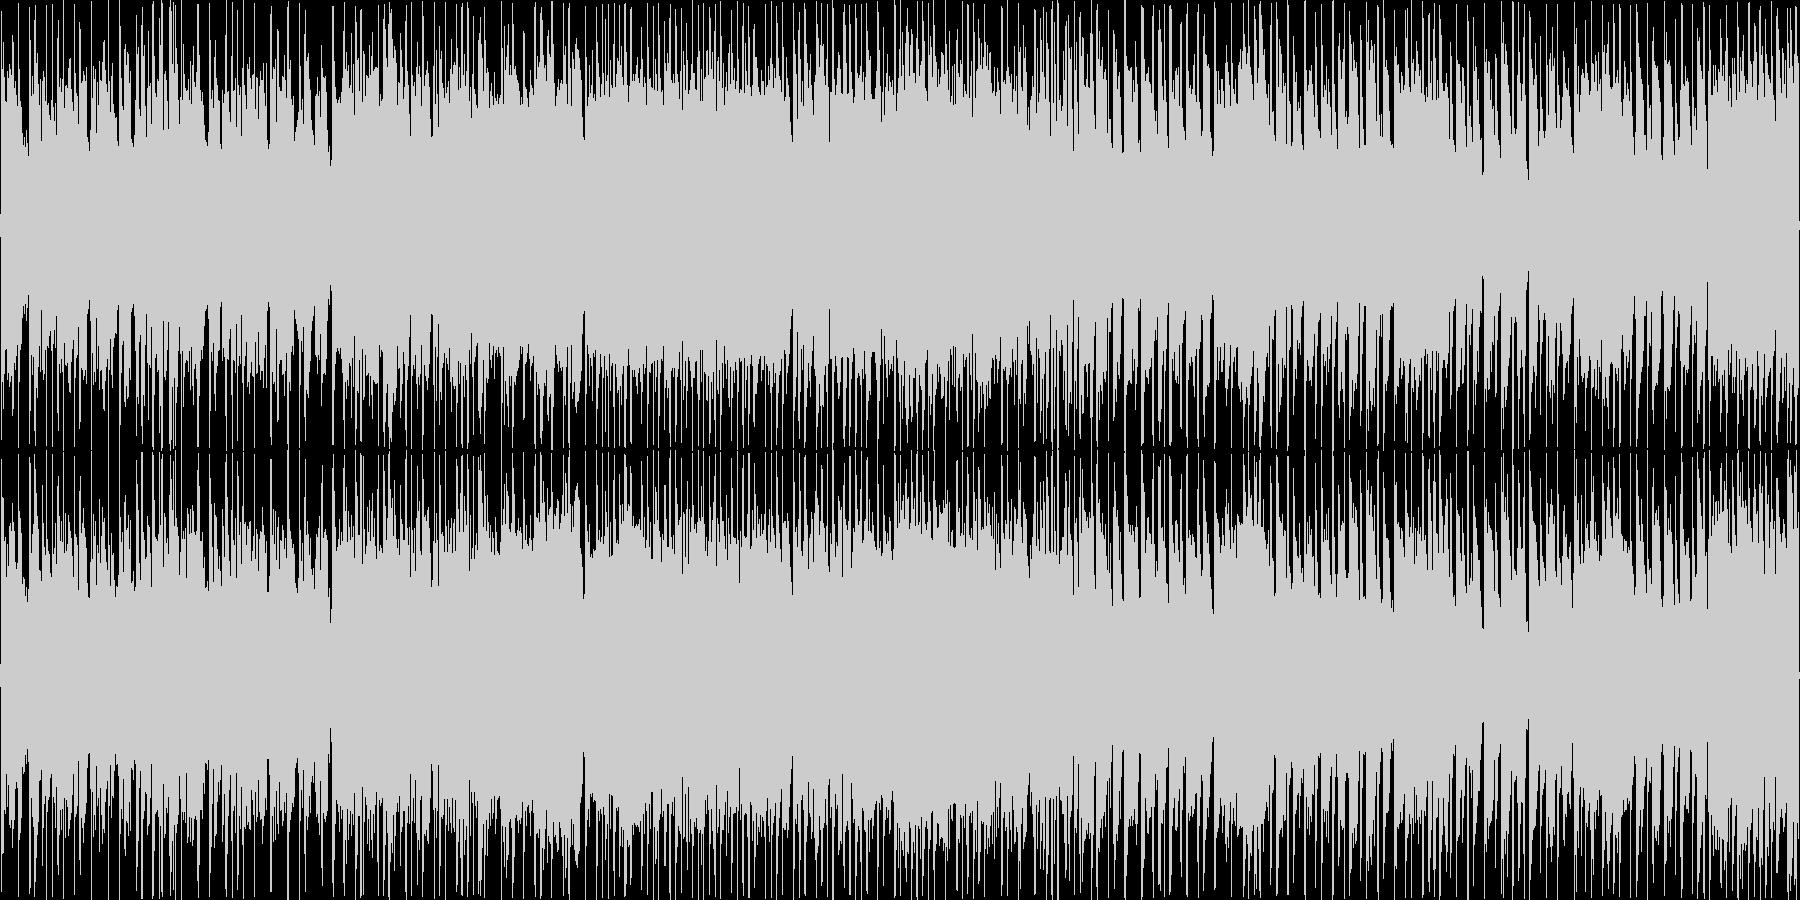 ギターと電子音の混じったロックサウンドの未再生の波形